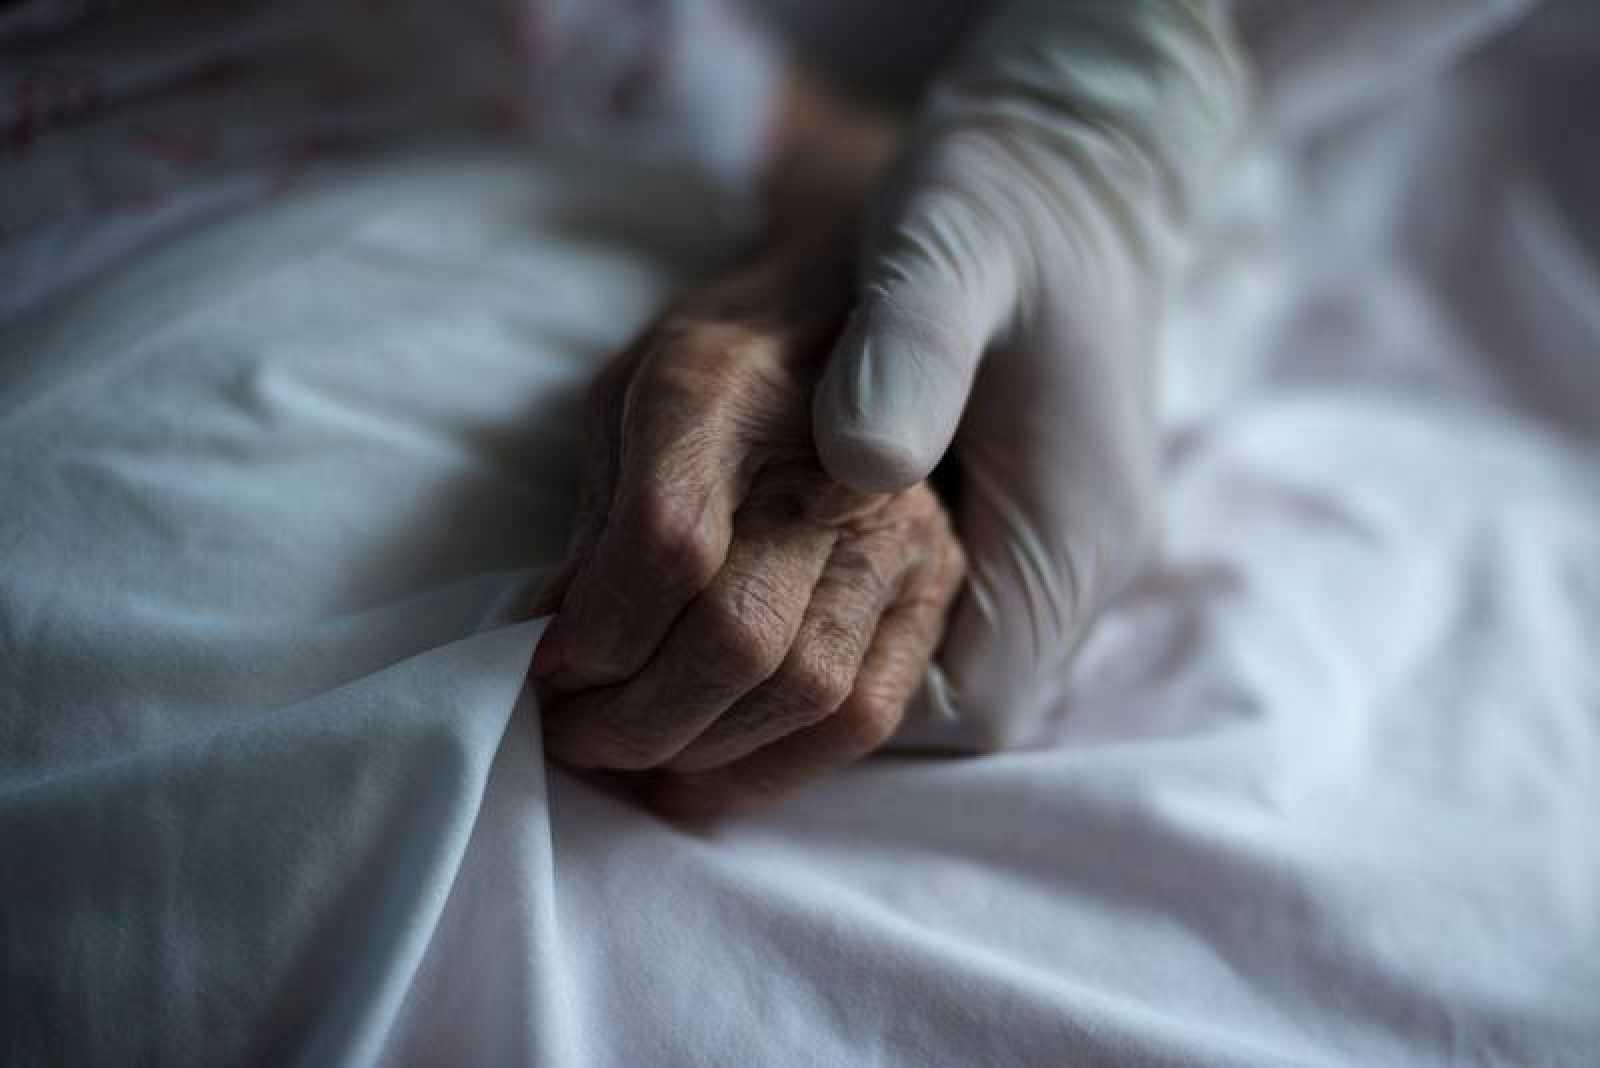 Una trabajadora equipada con guantes sujeta la mano de una residente en un geriátrico